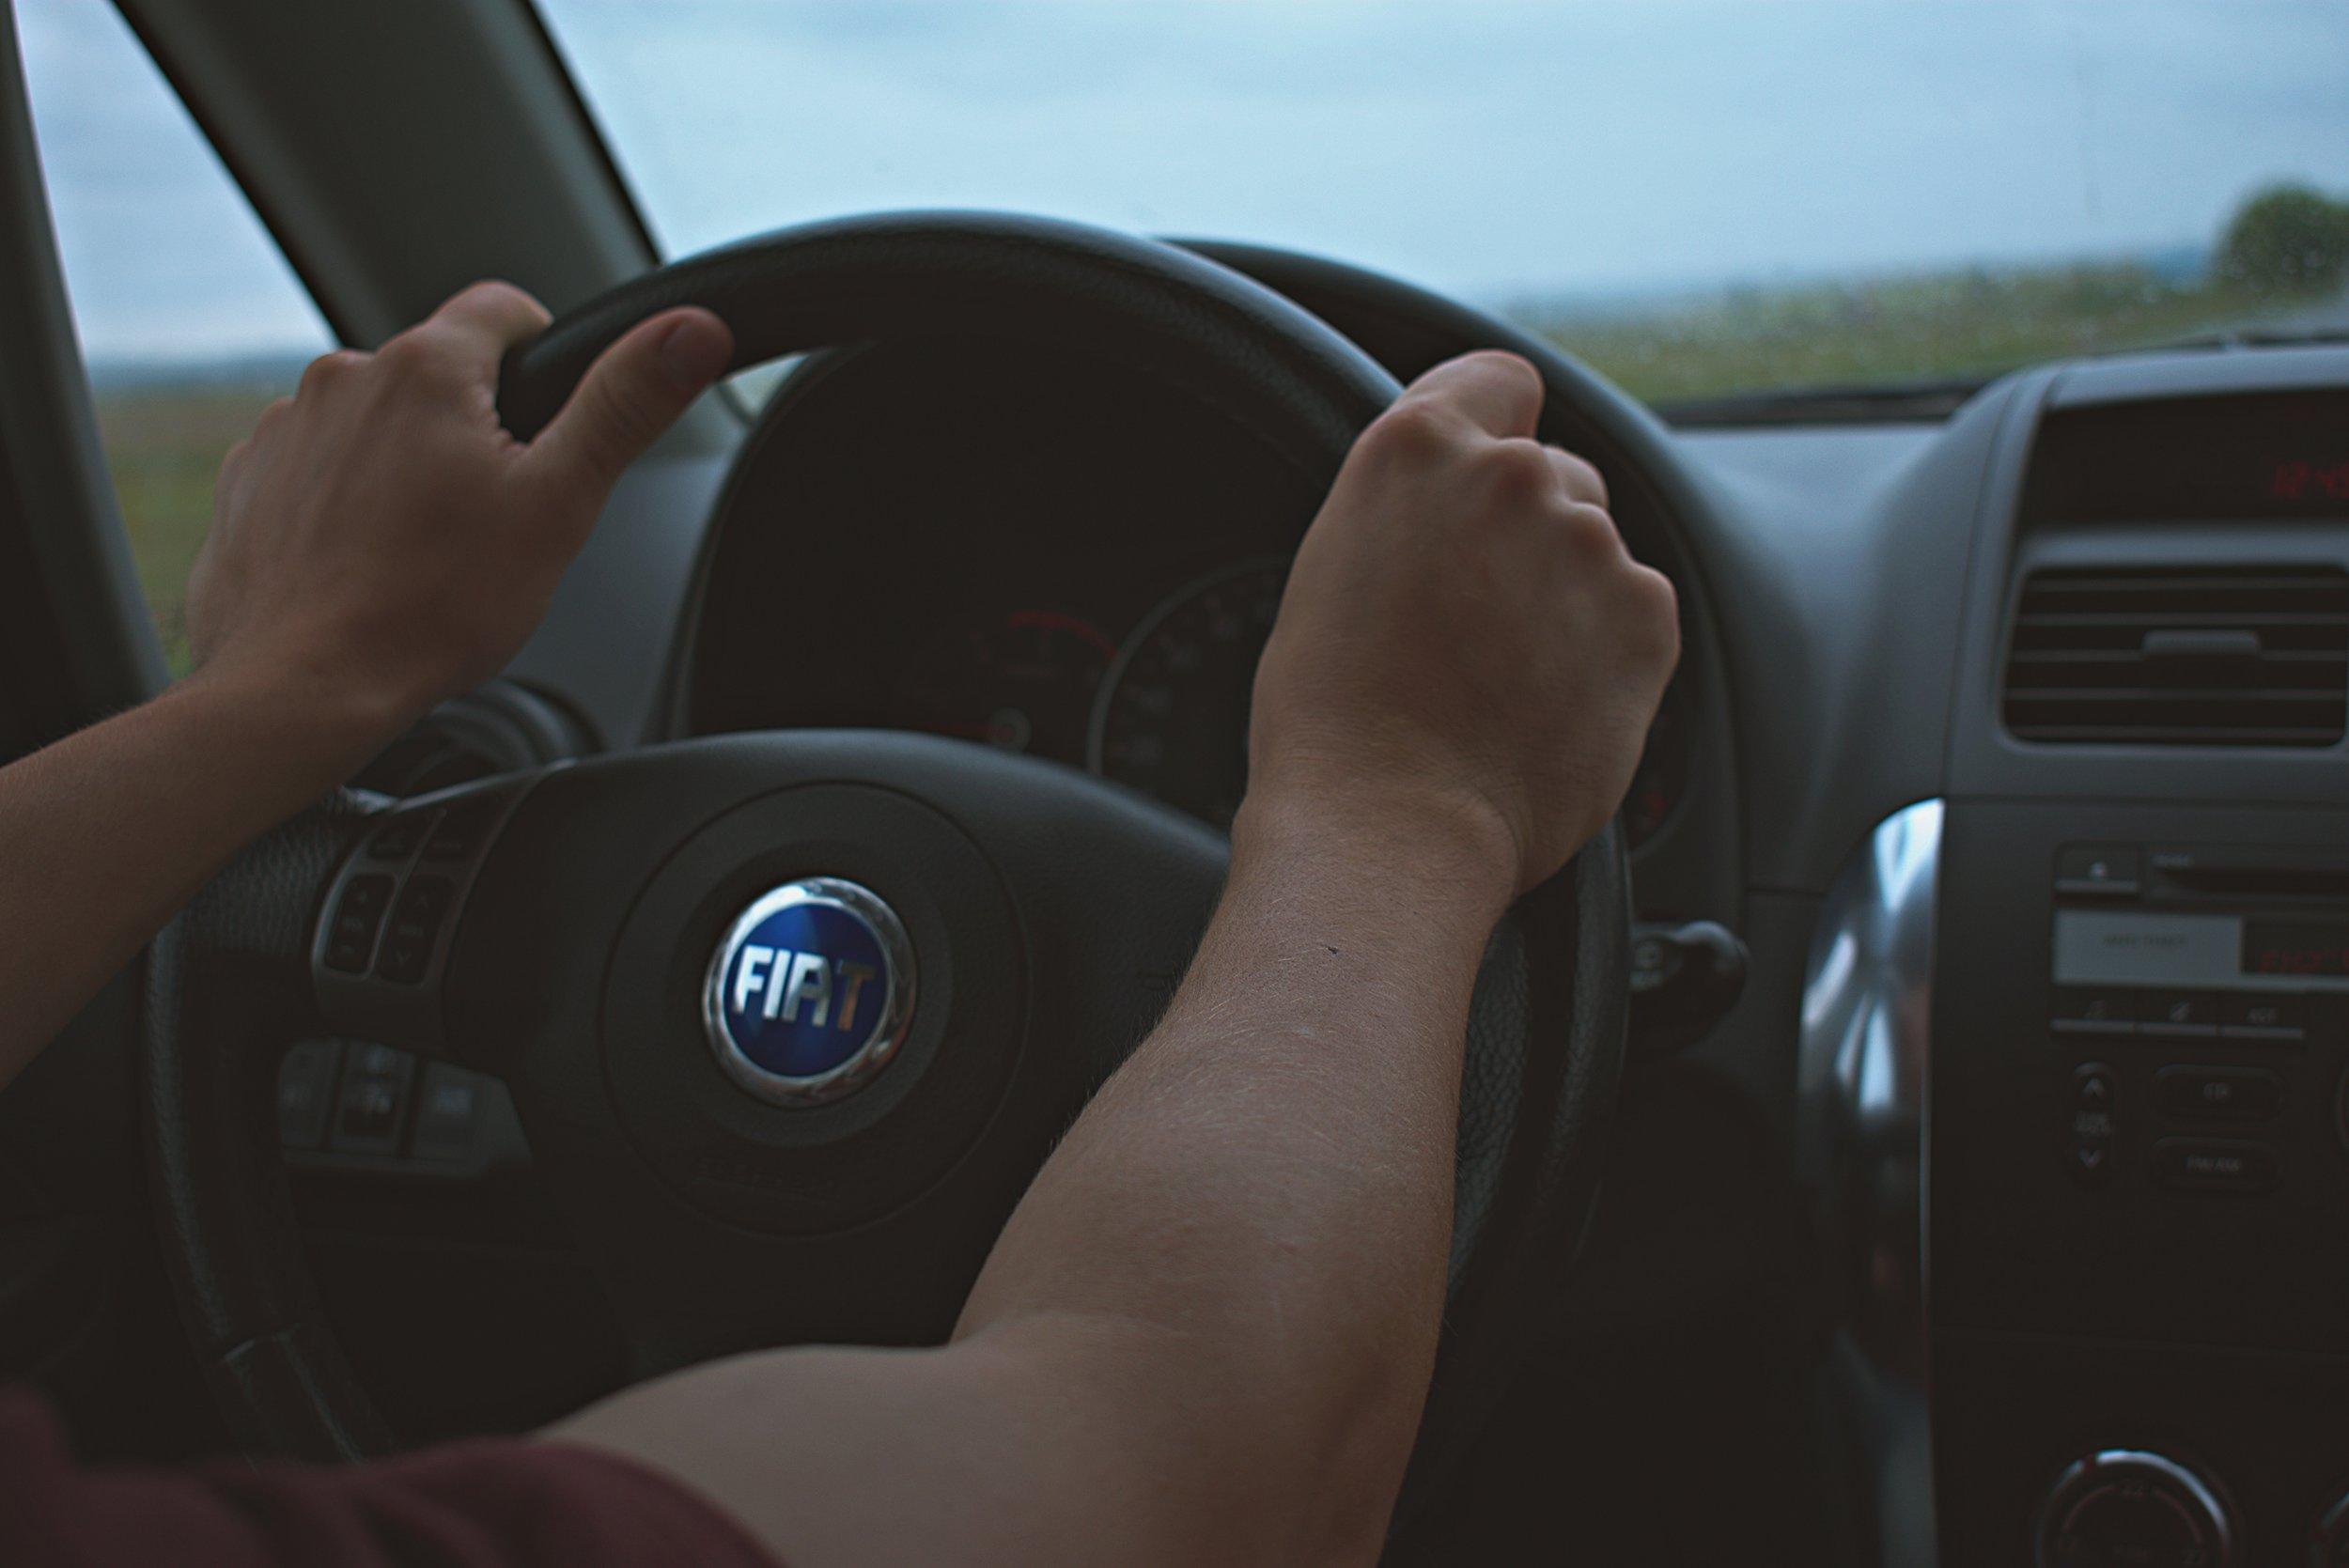 steering_wheel_2hands.jpg